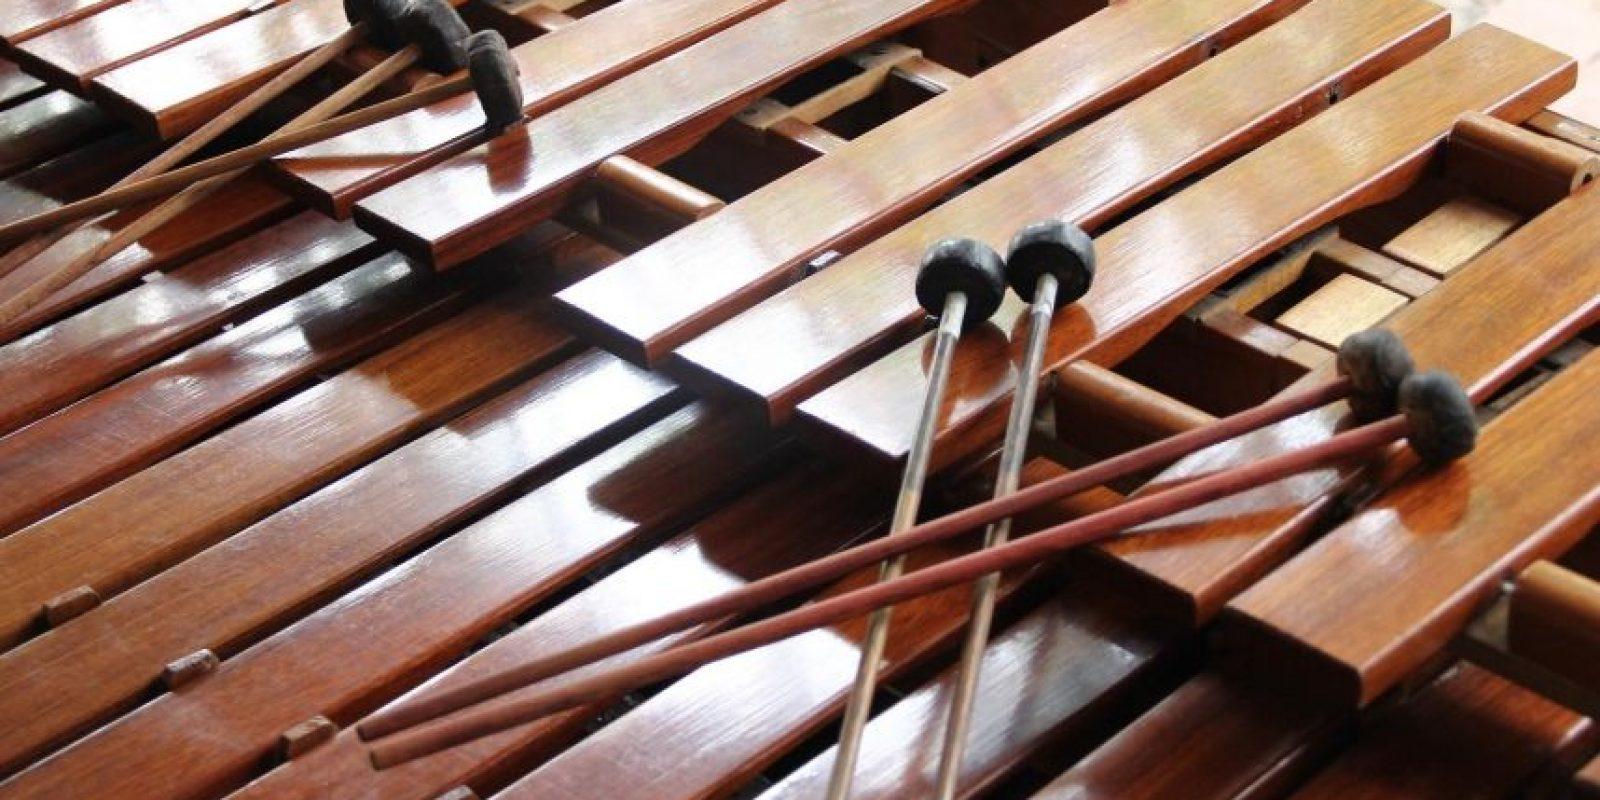 El 12 de febrero la OEA nombrará a la marimba como patrimonio de las Américas Foto:Archivo